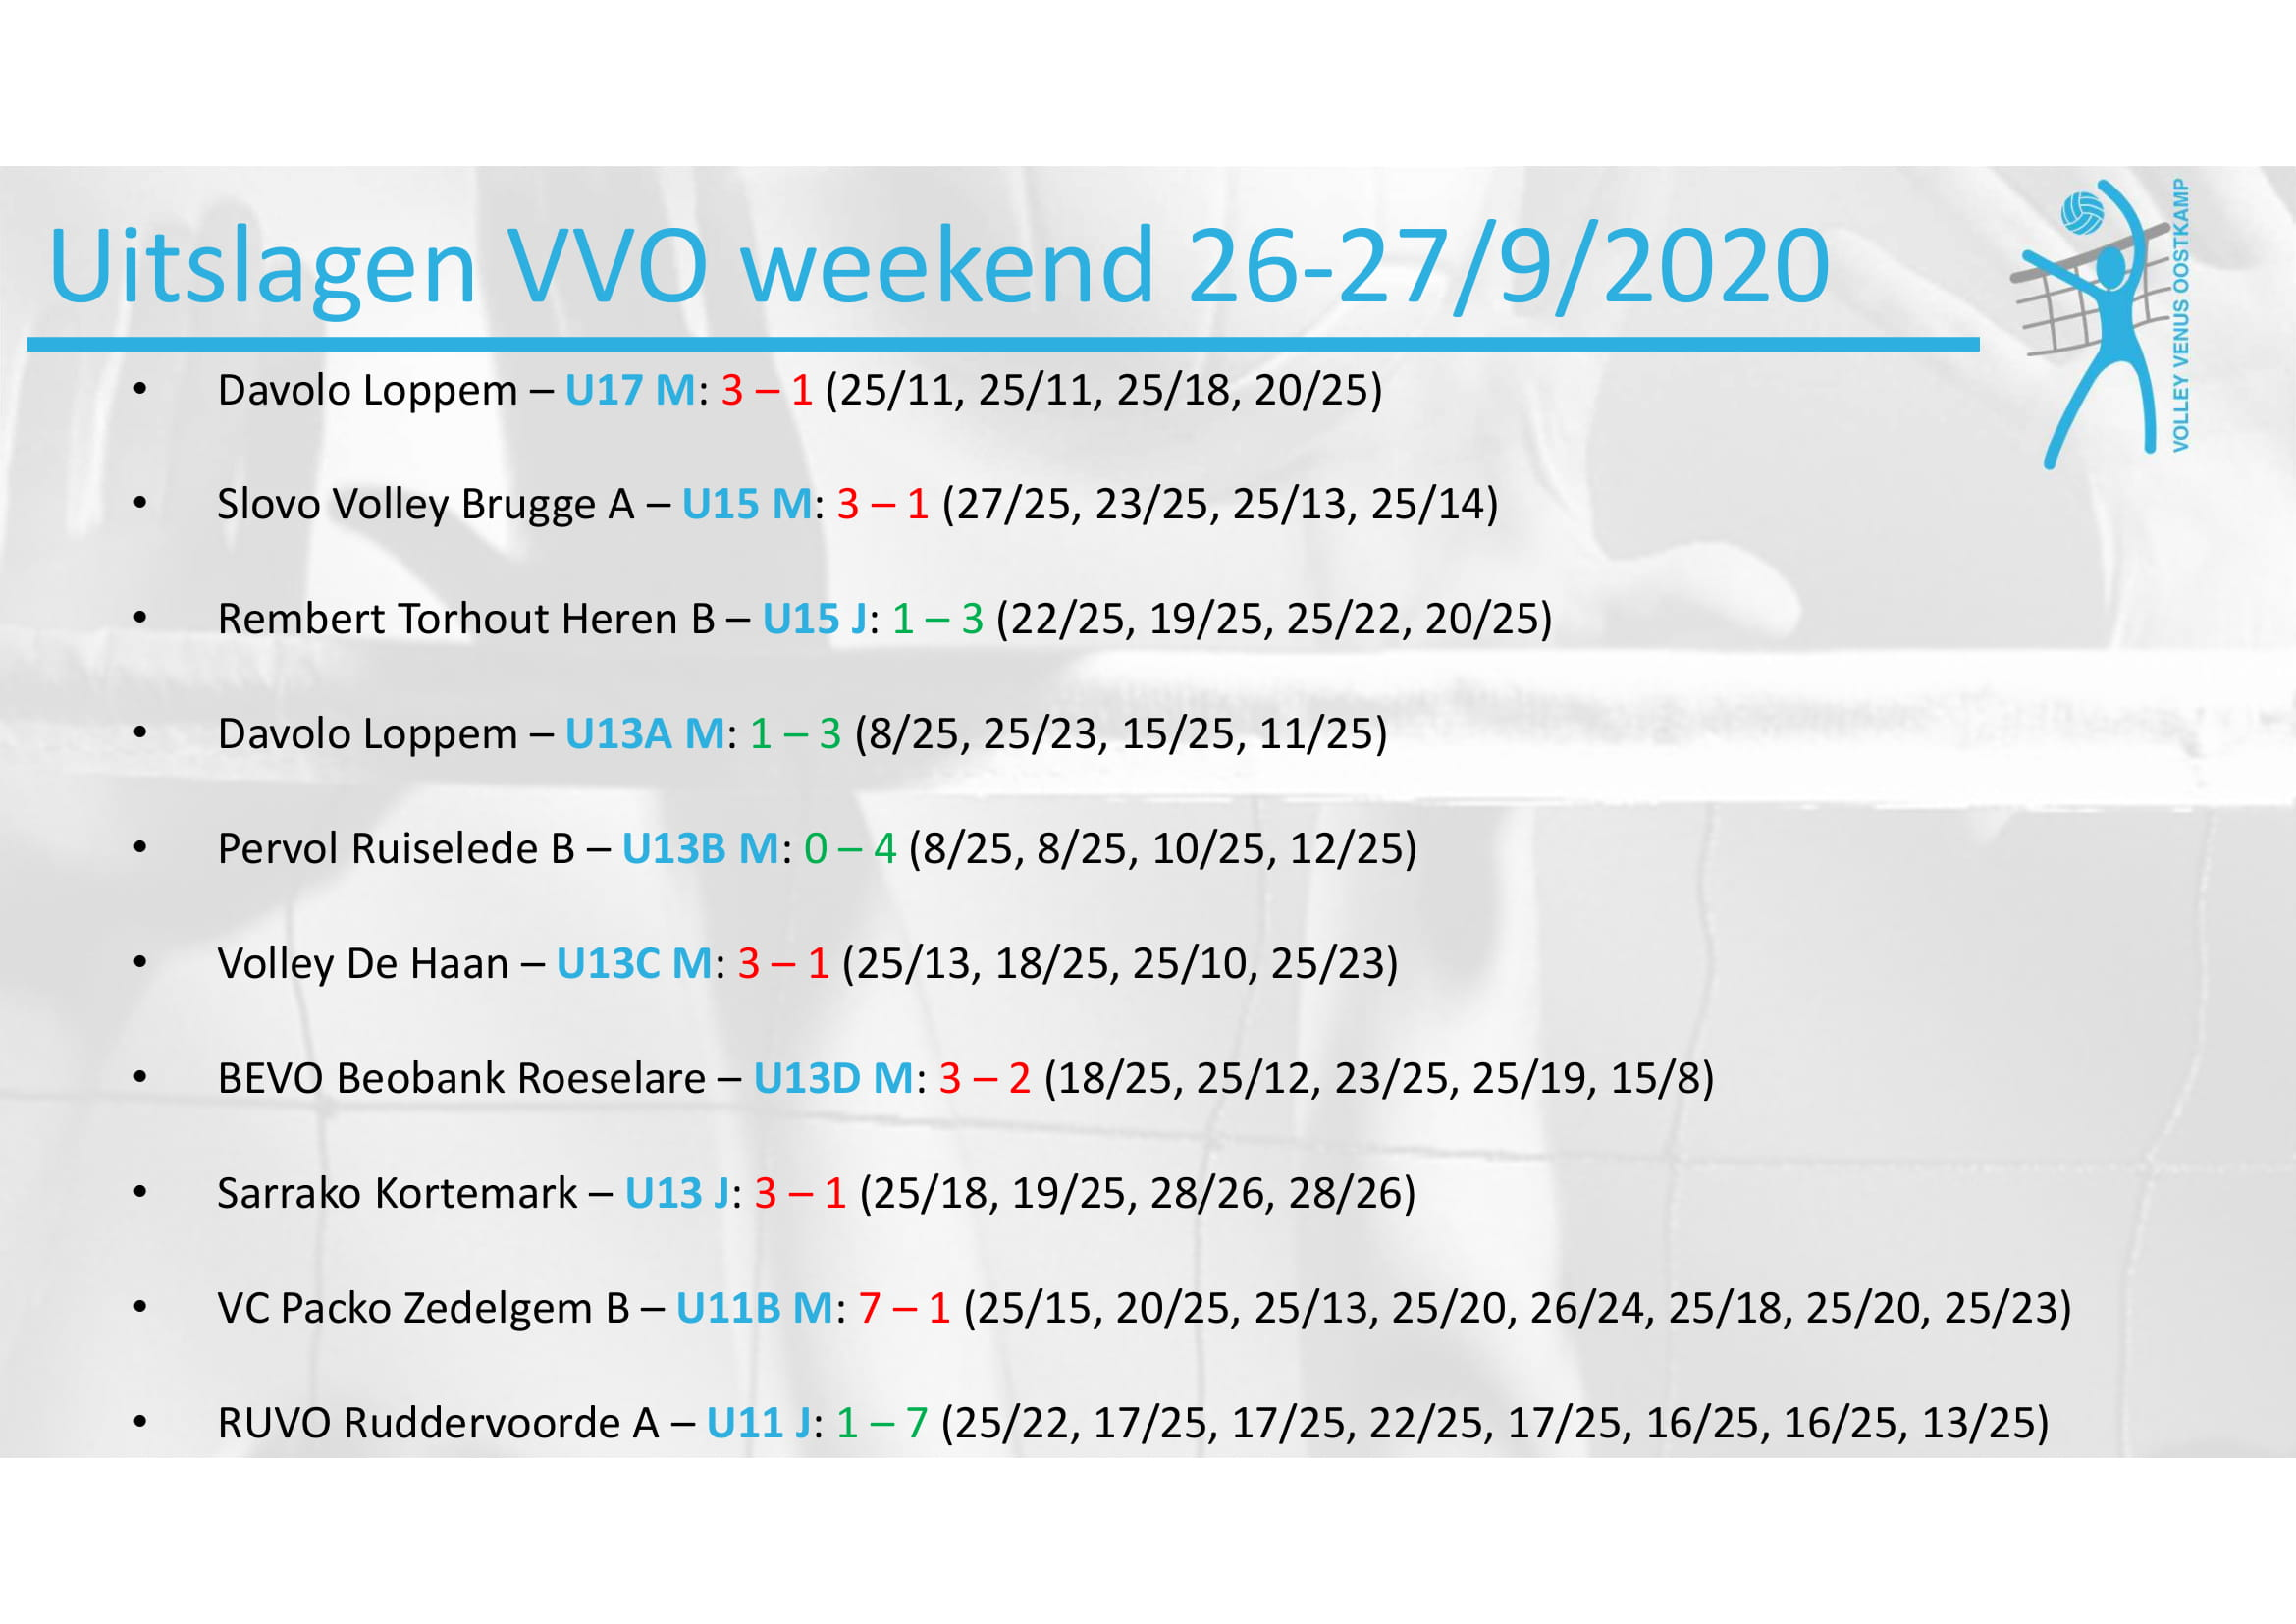 Uitslagen weekend 26-27/9/2020